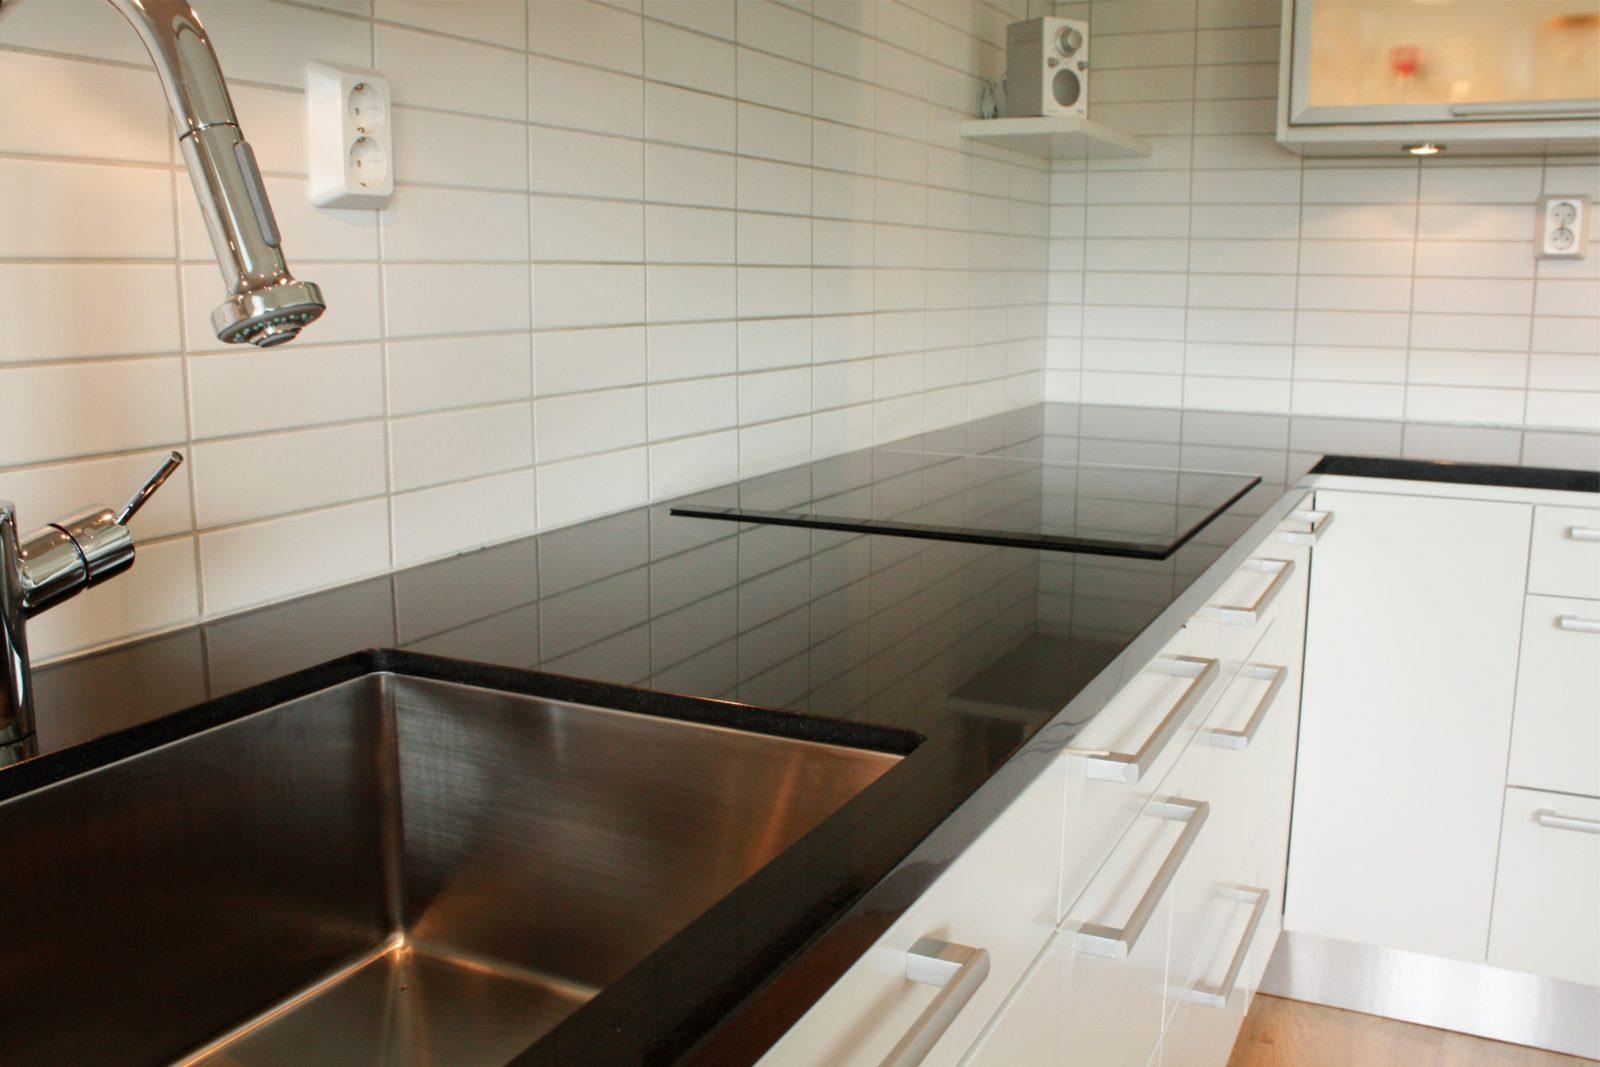 M rmol negro para la encimera im genes y fotos - Tipos de marmol para cocina ...